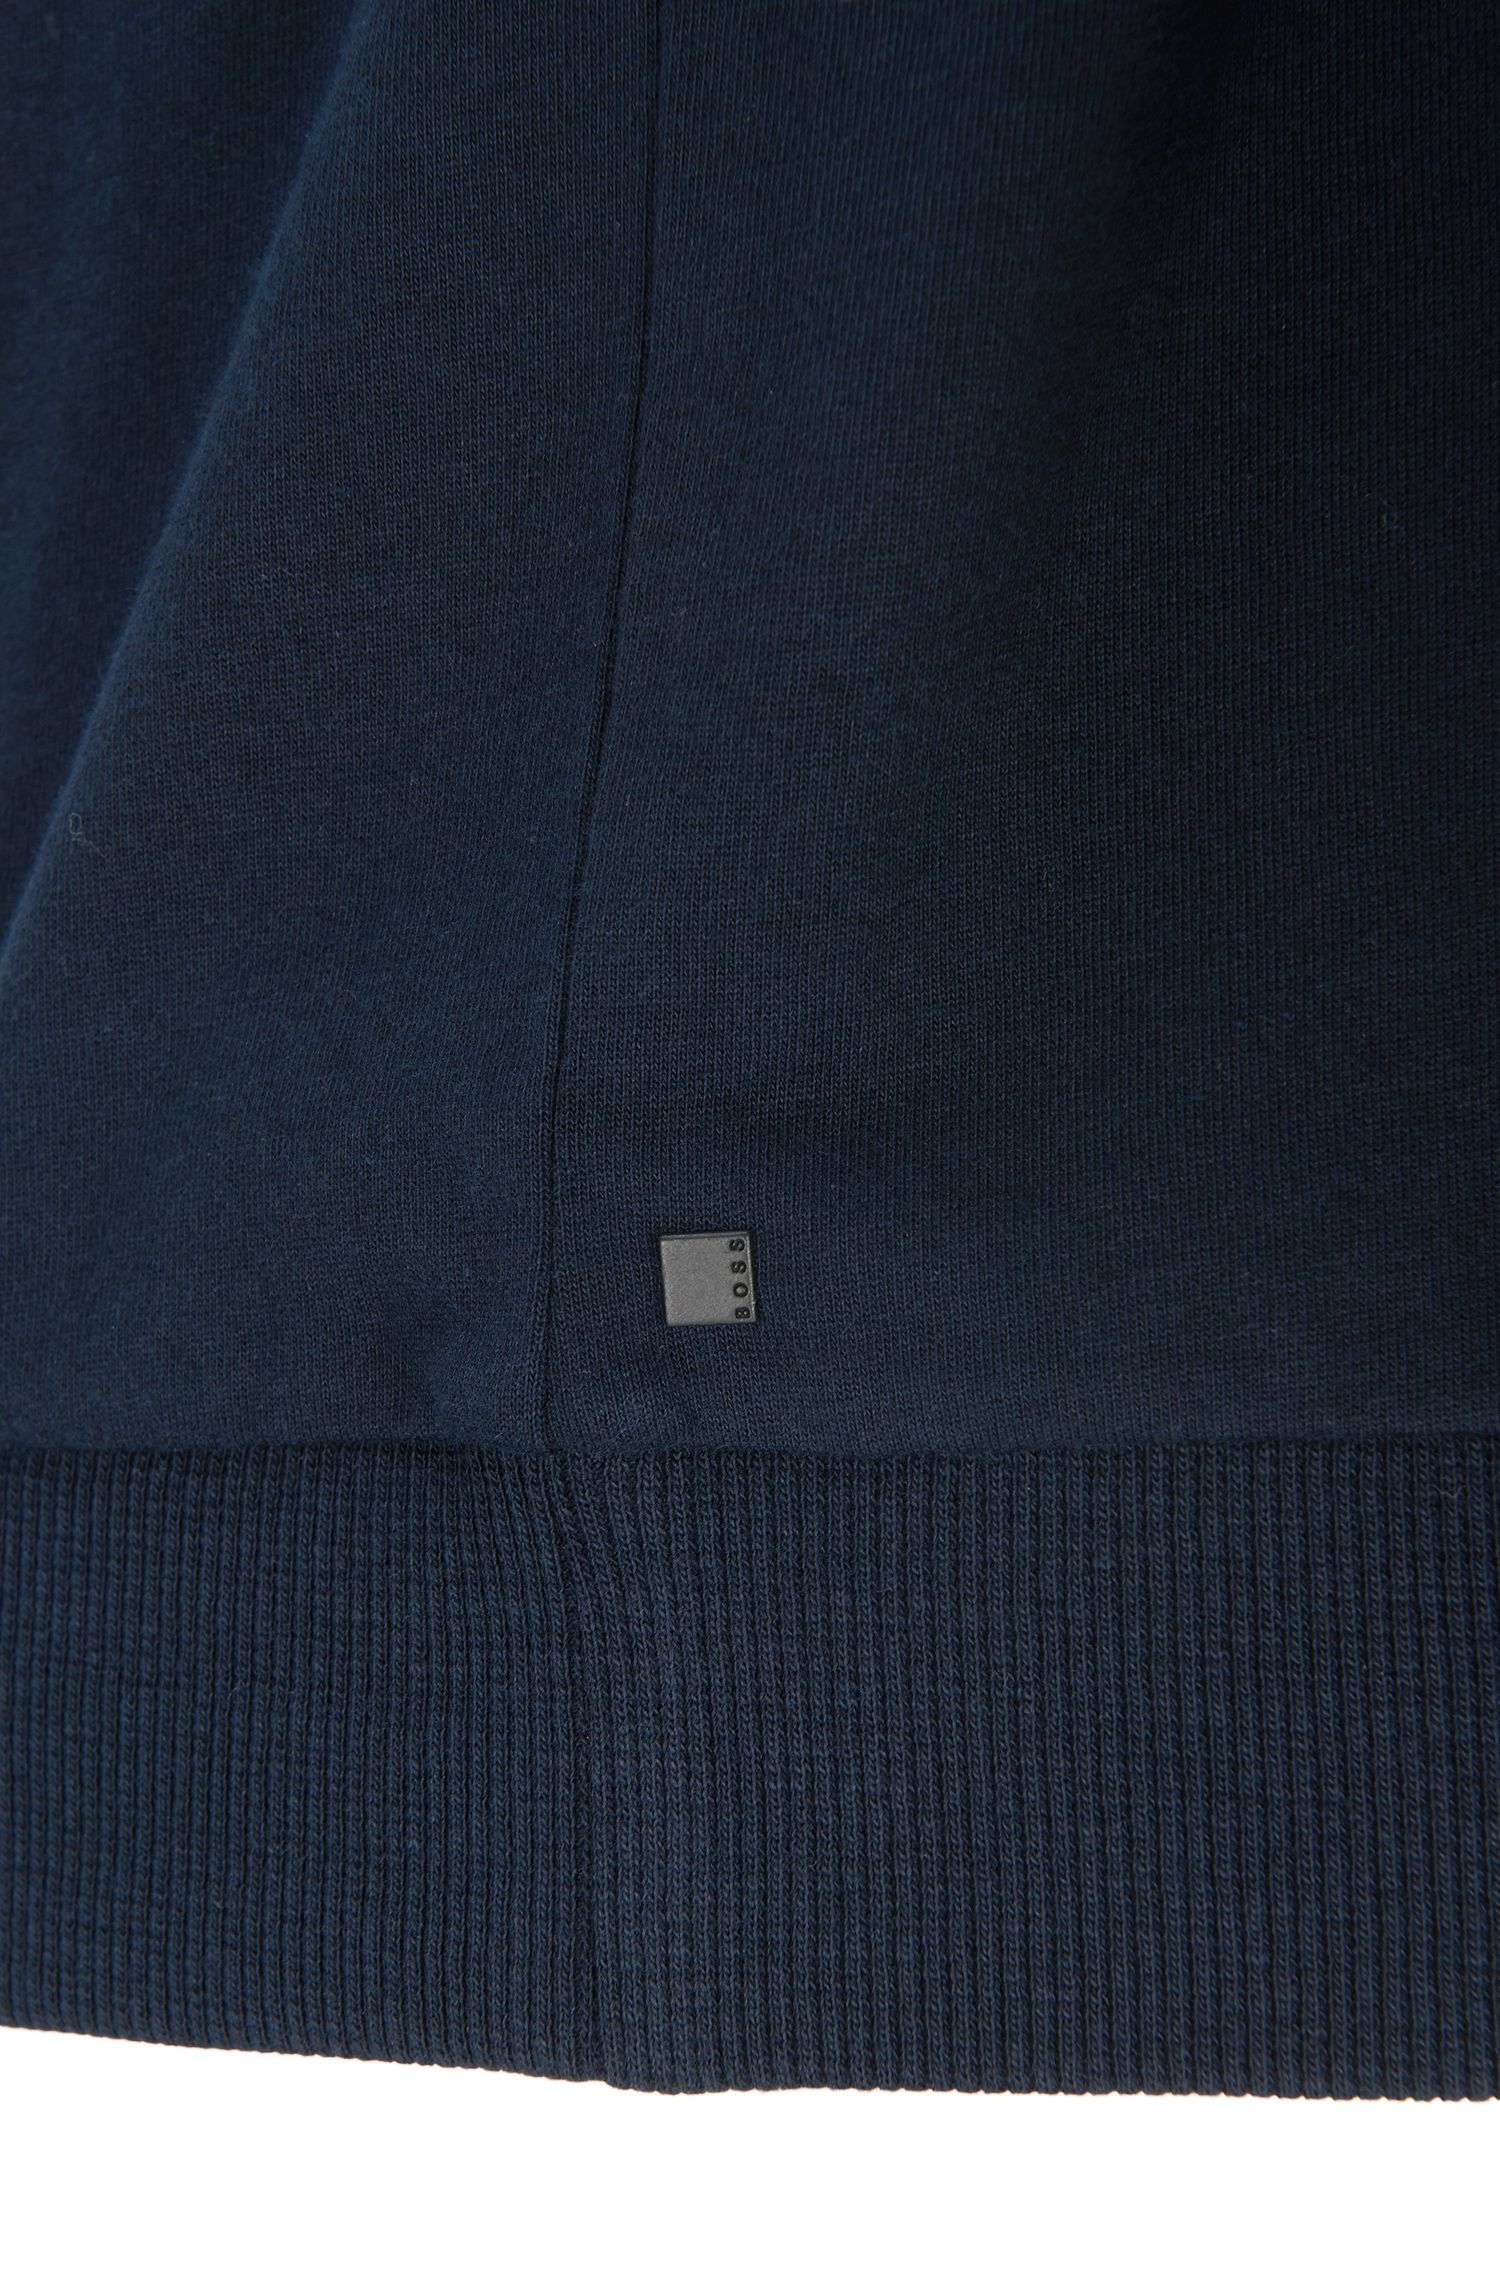 Sweatshirt aus Baumwolle mit Raglan-Ärmeln: 'Sweatshirt', Dunkelblau